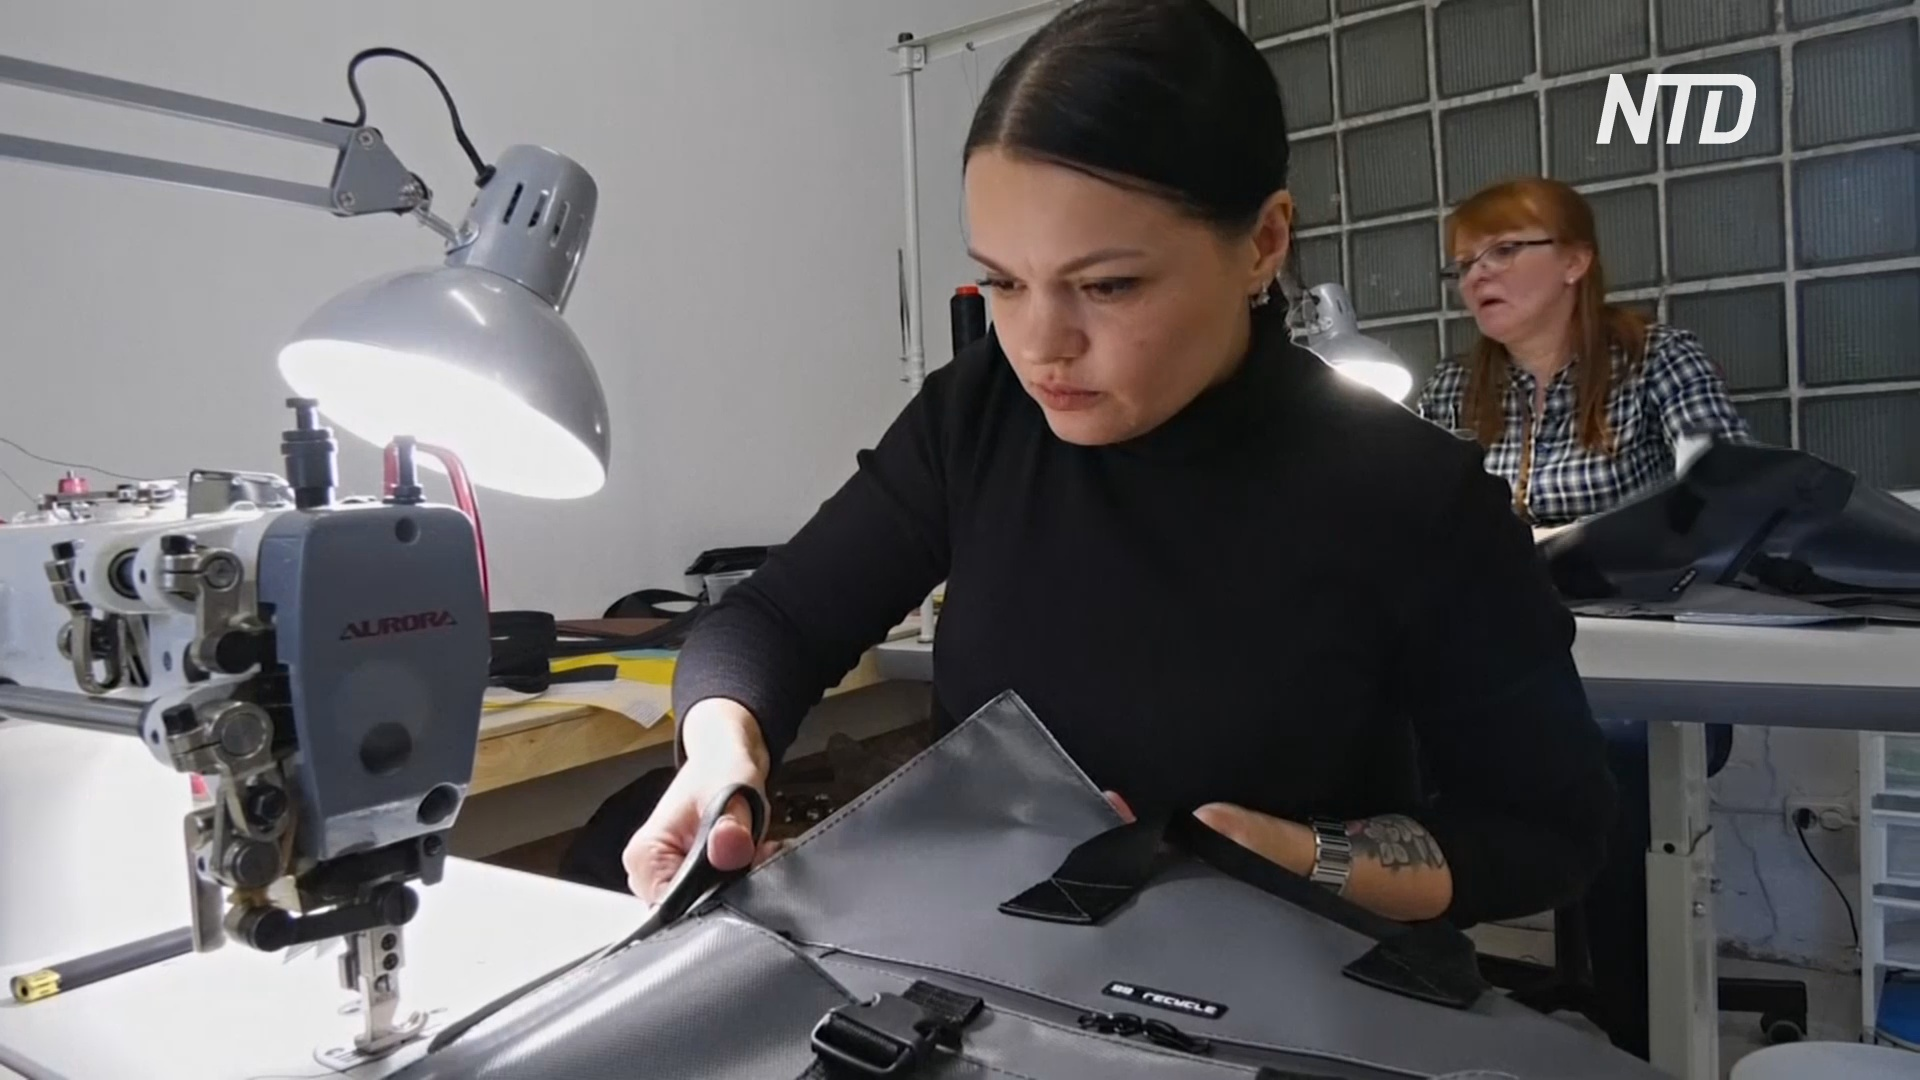 Рюкзаки, скейты и бижутерия: во что питерская компания превращает вторсырьё